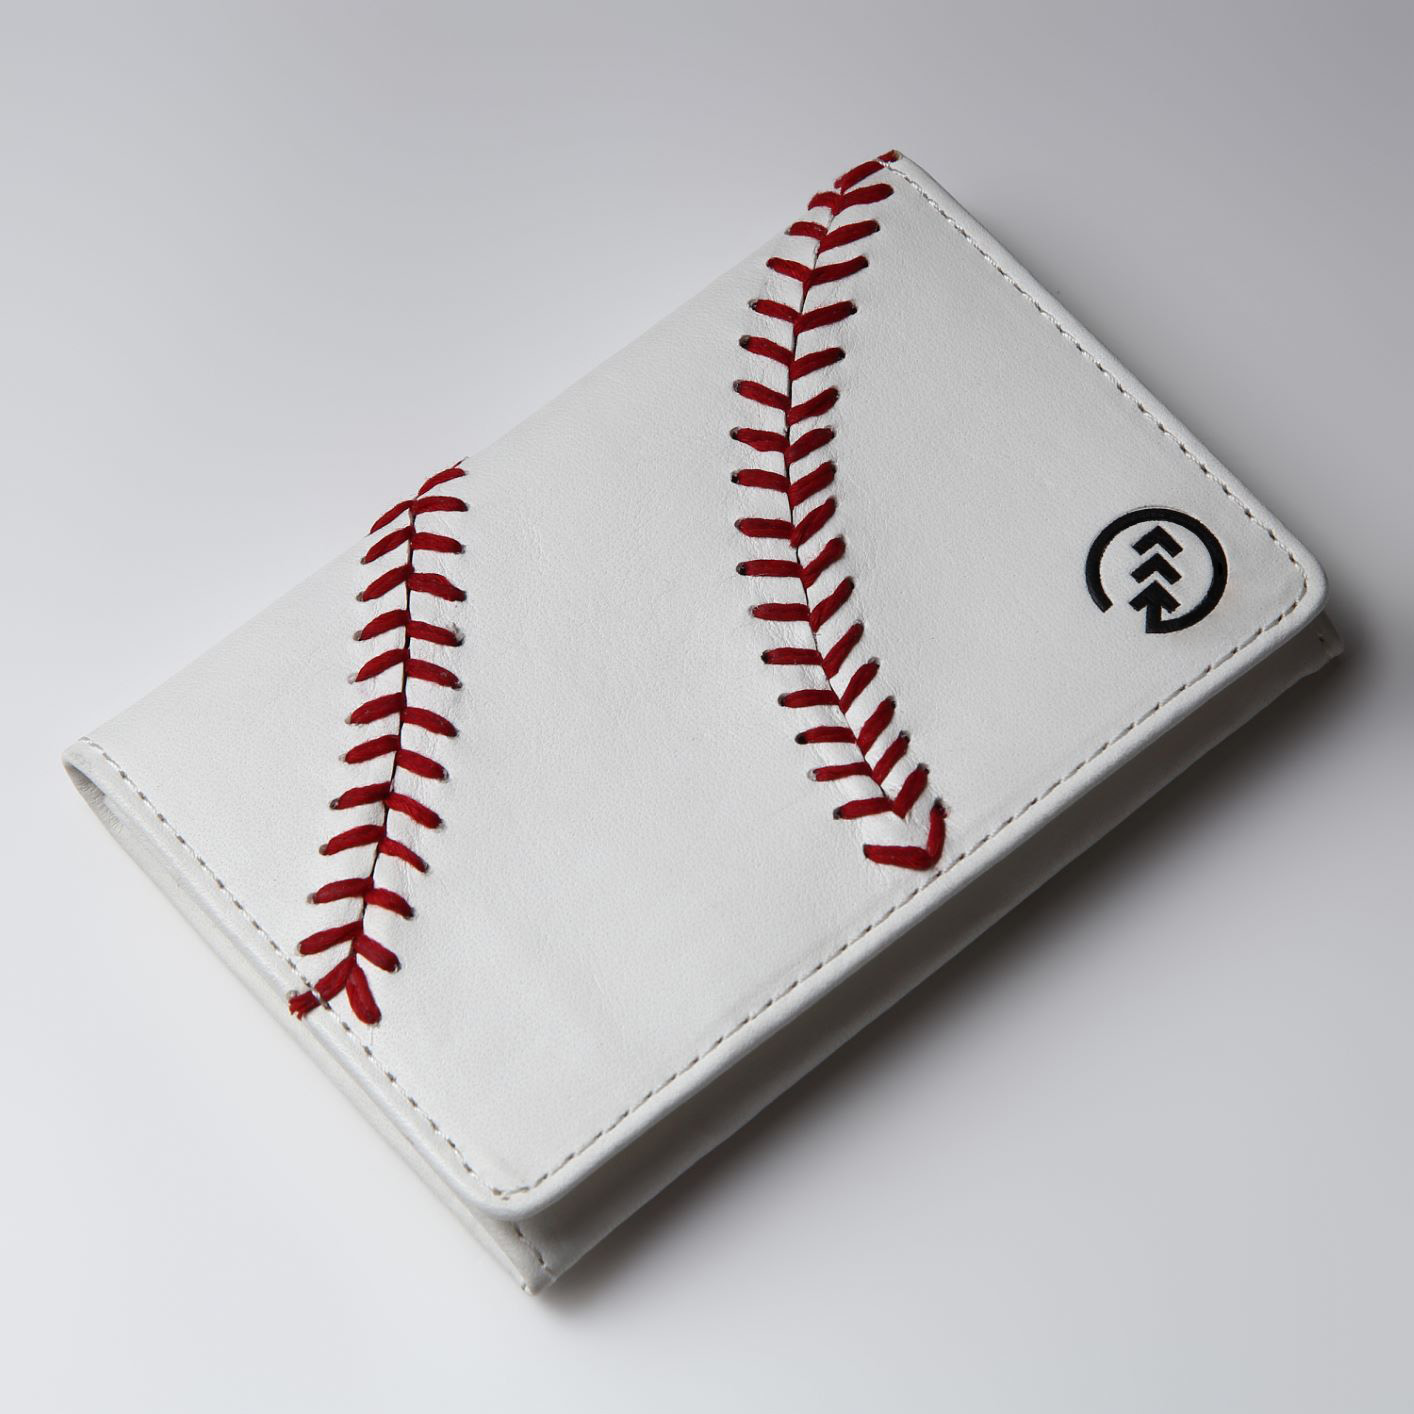 野球ボール革名刺入れ ハンドステッチ名刺入れ 【ホワイト】